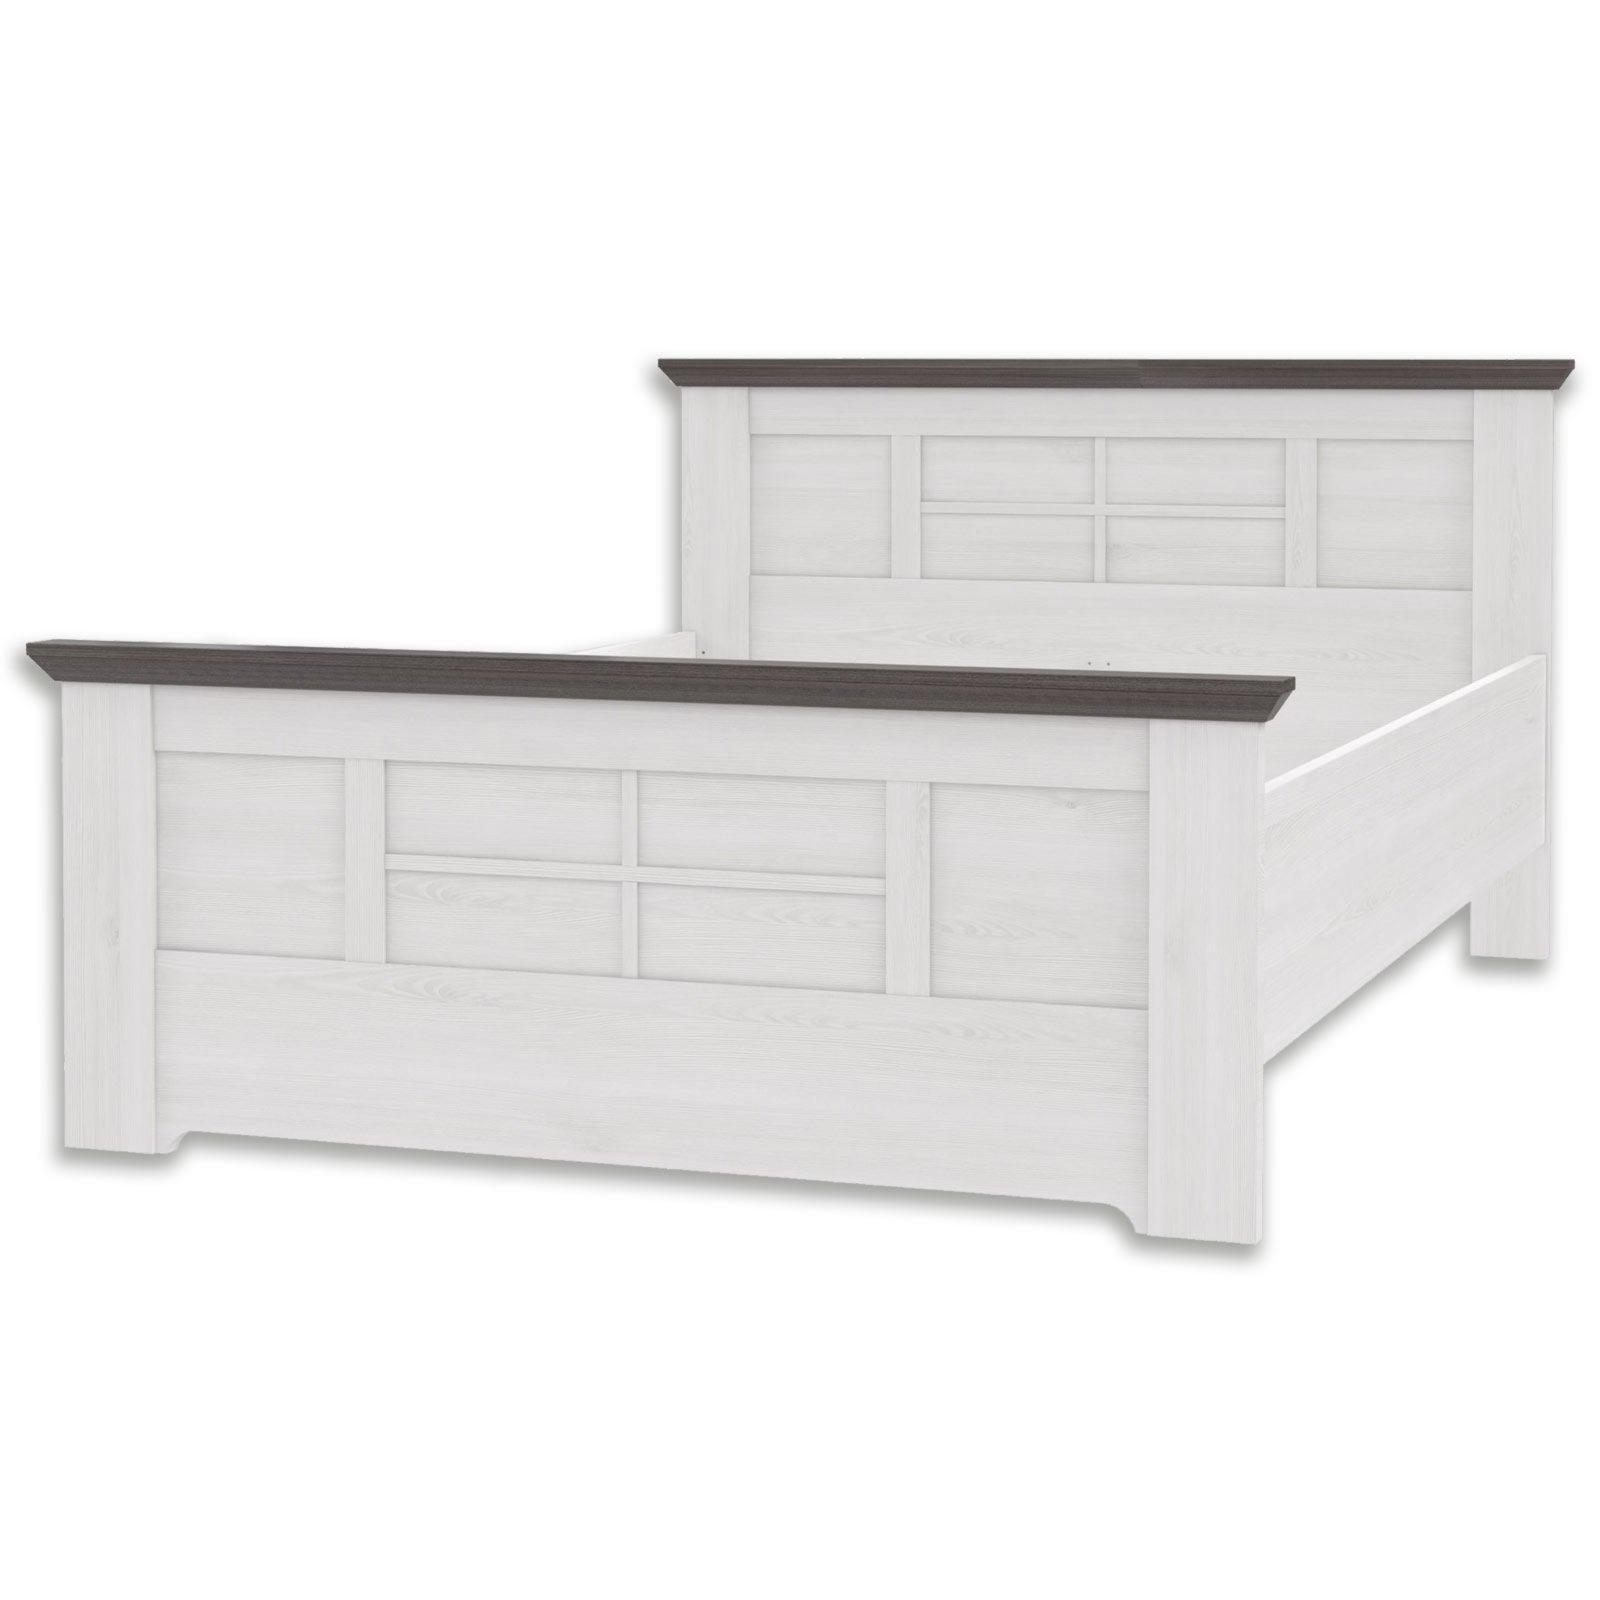 bett gasparo schneeeiche pinie grau 140x200 cm bettgestelle betten m bel roller. Black Bedroom Furniture Sets. Home Design Ideas